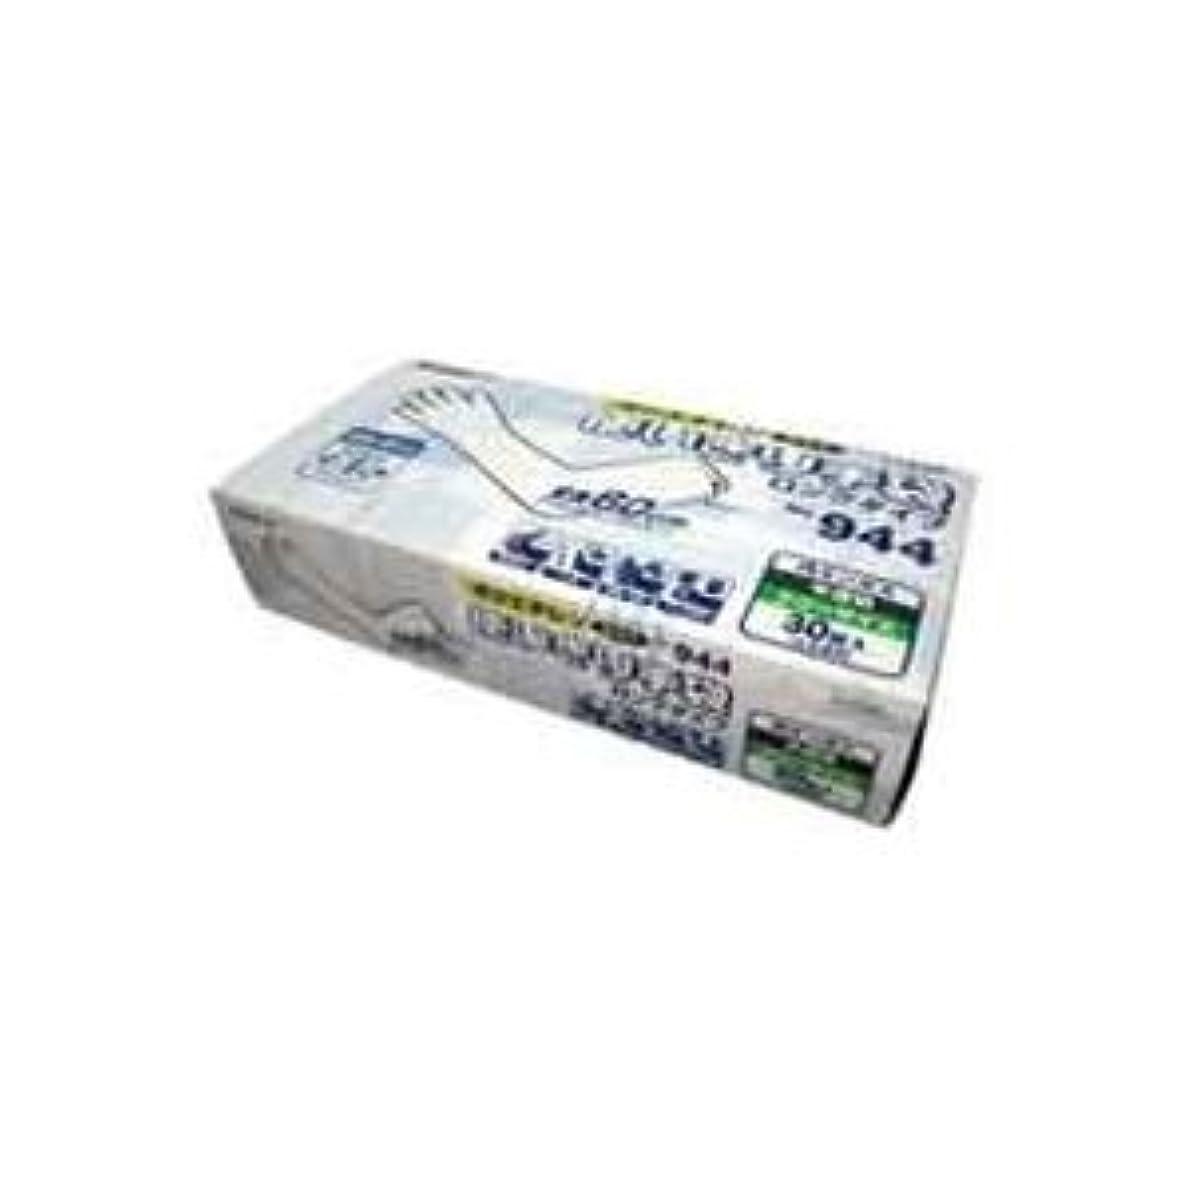 鋼切手バングラデシュインテリア 日用雑貨 掃除用品 (業務用3セット)モデルローブNo.944 ポリエチレン 半透明 30枚